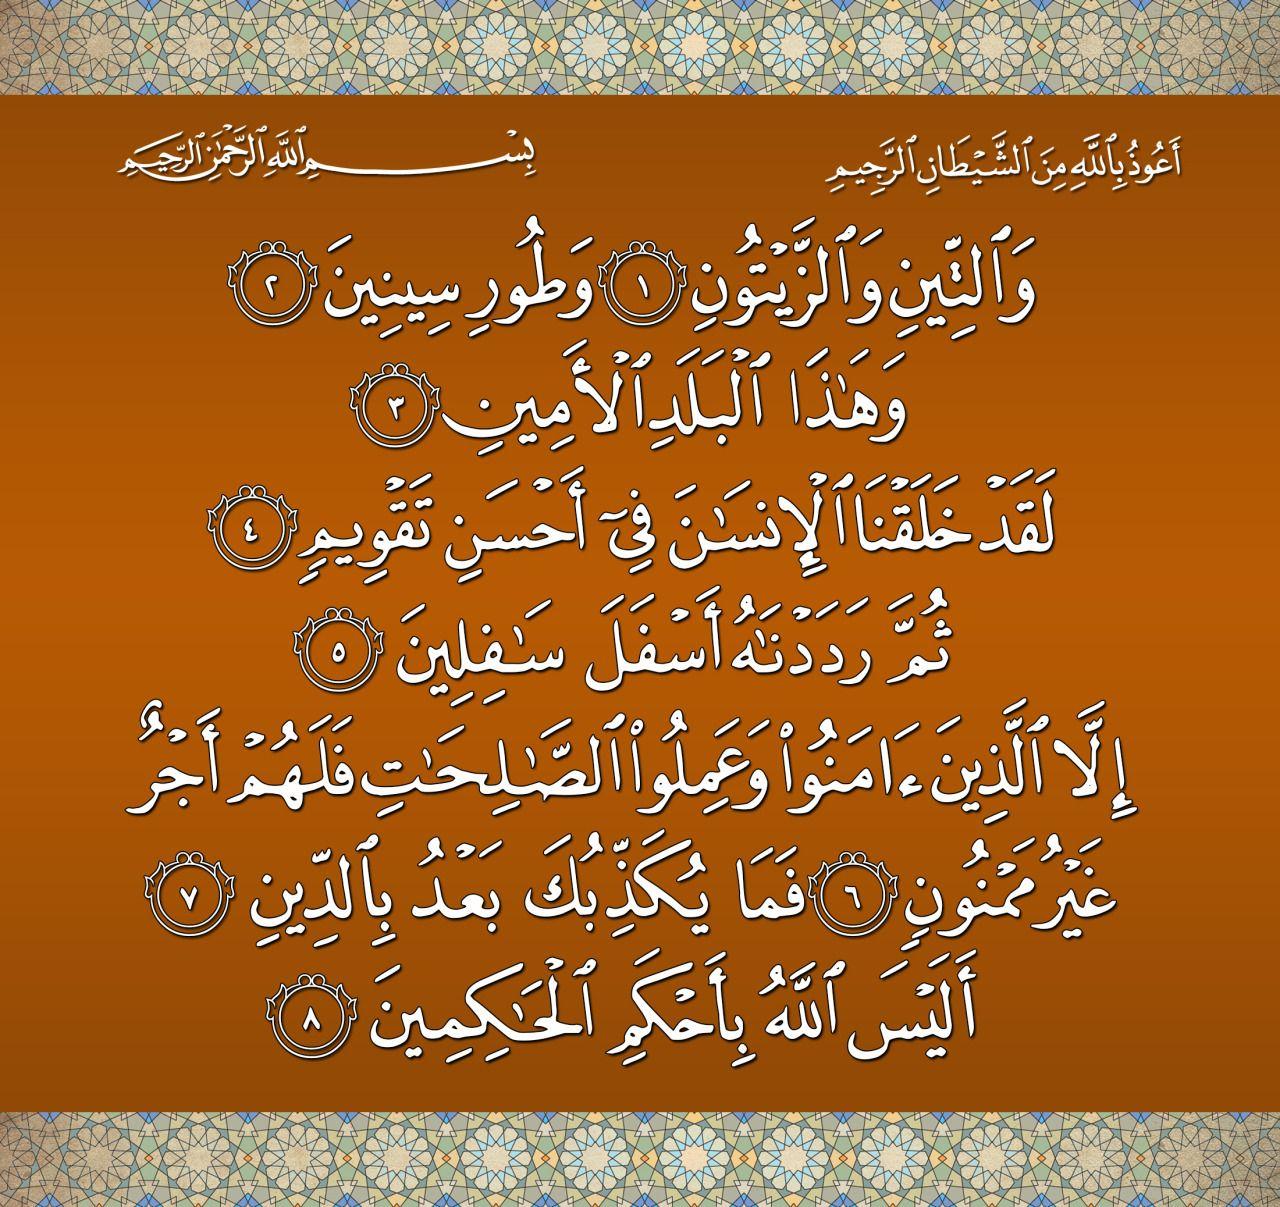 إعراب القرآن الكريم إعراب وهذا البلد الأمين Blog Posts Blog Map